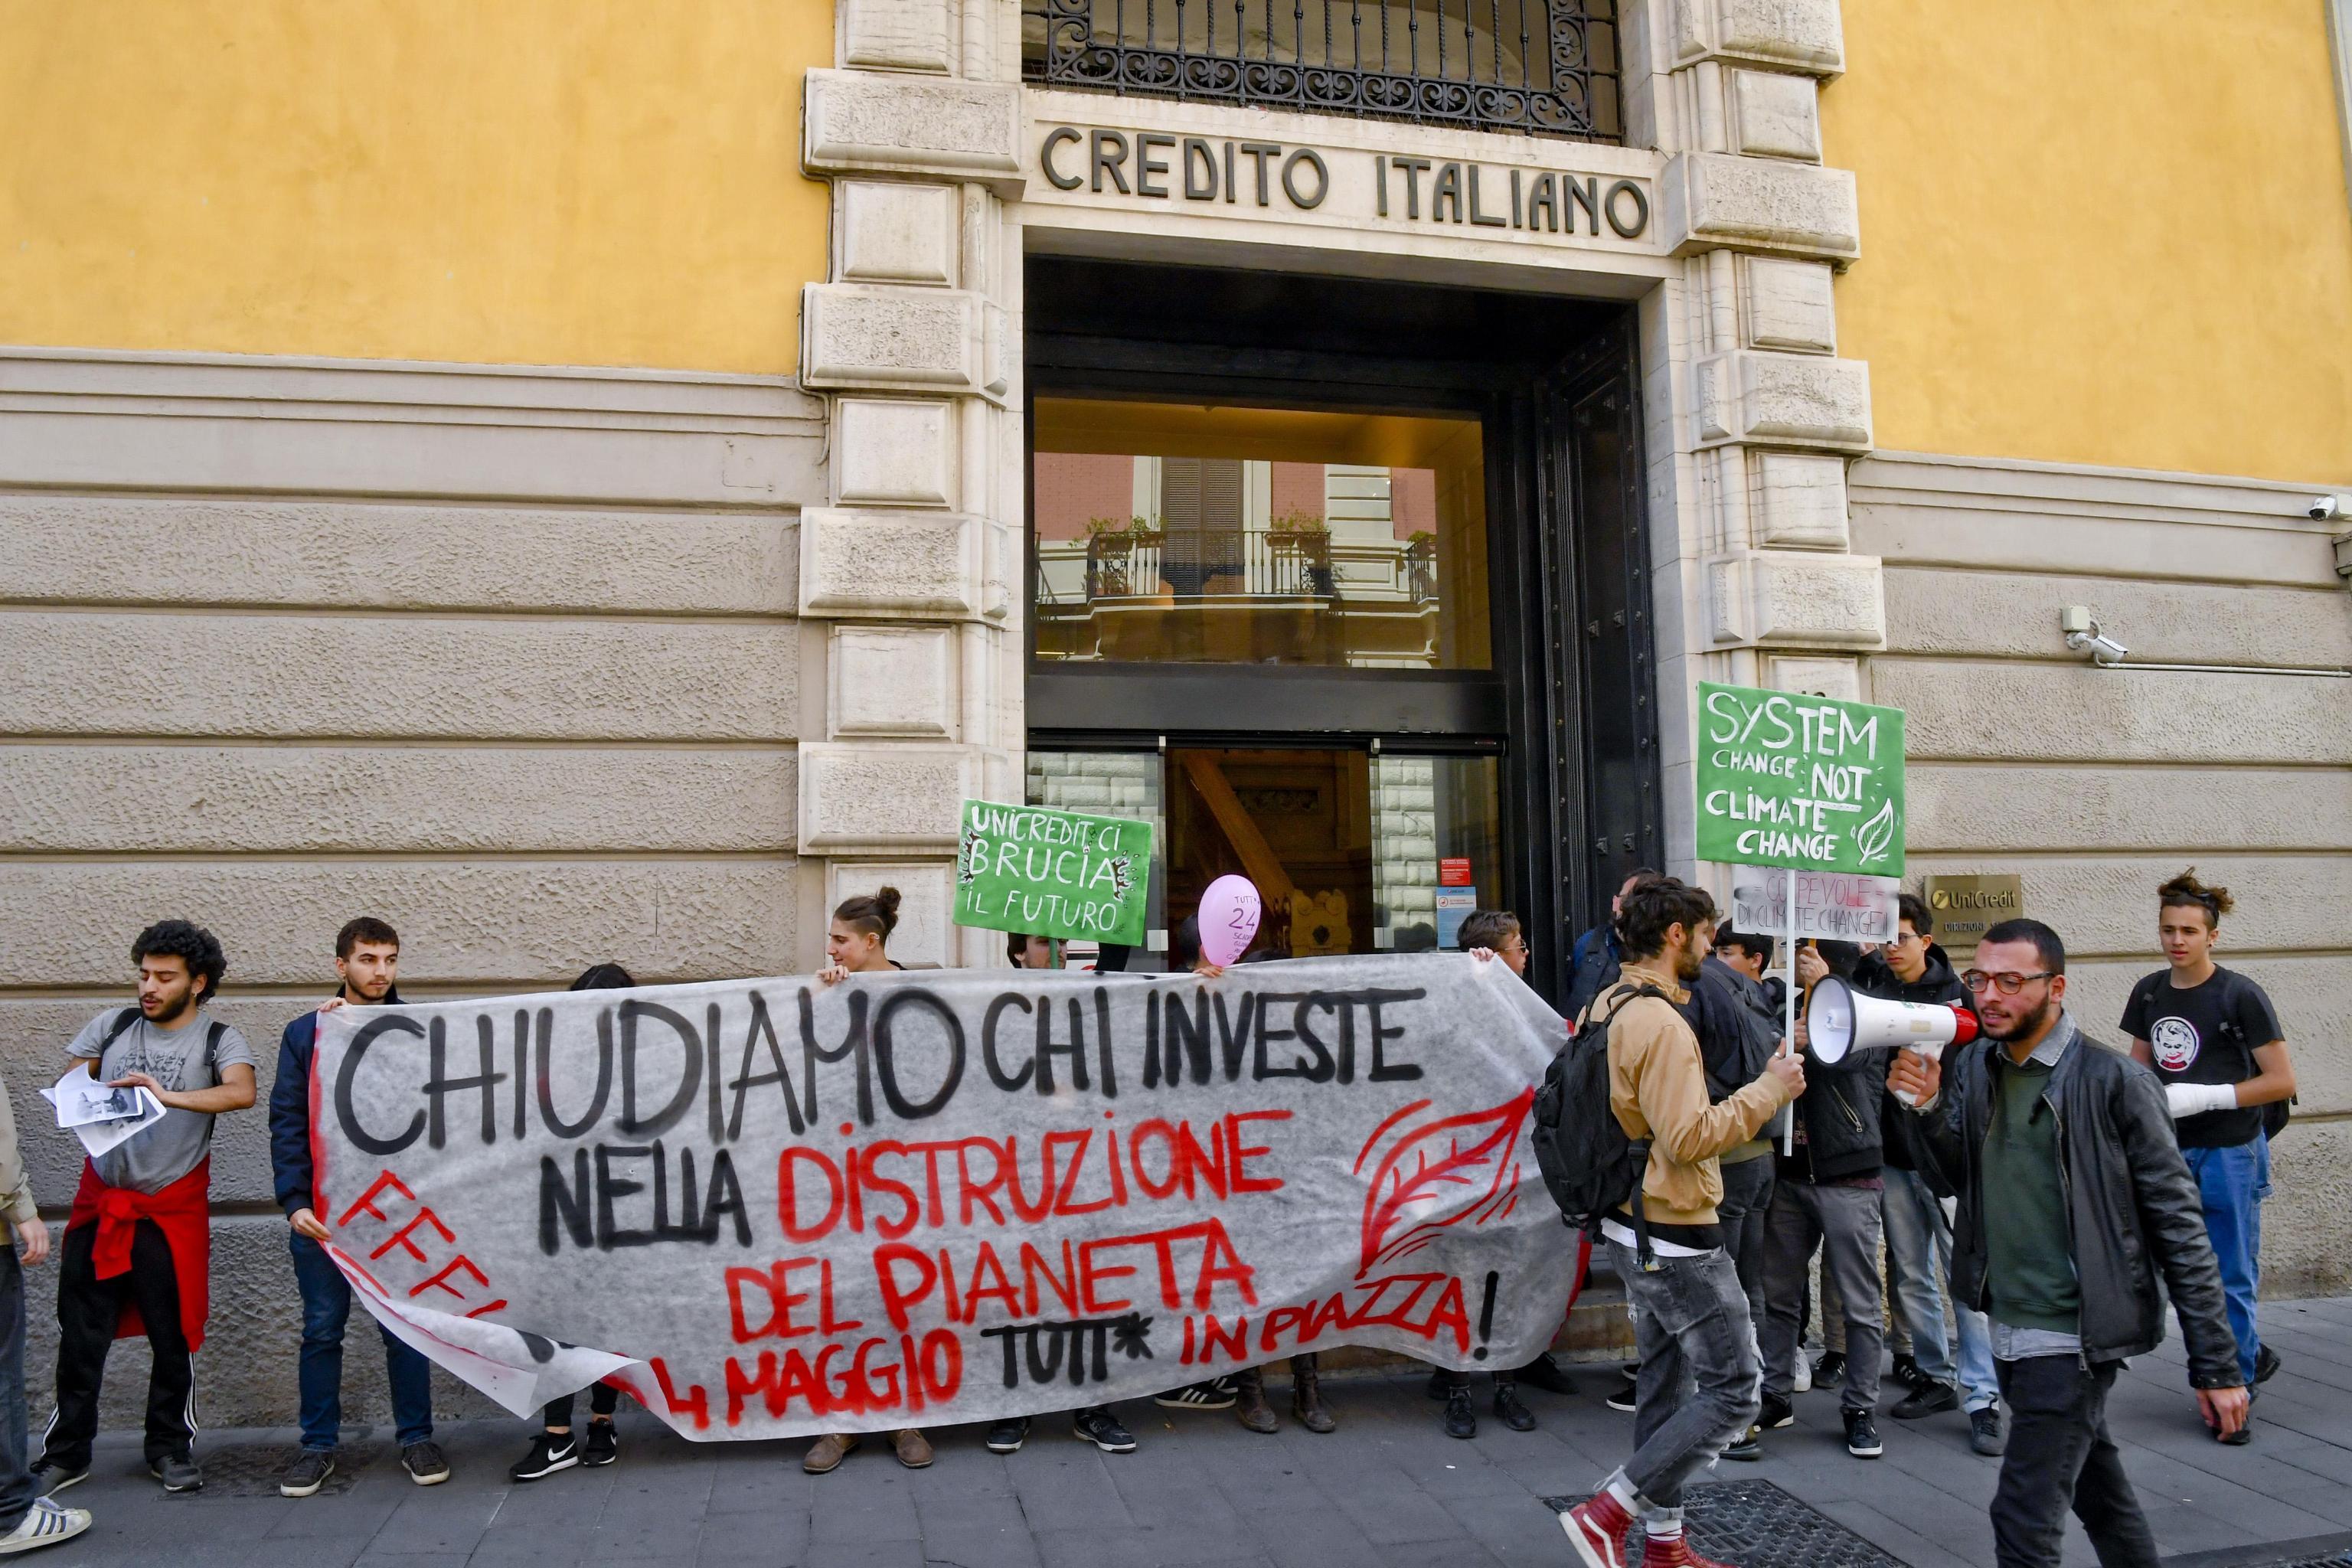 Il sit-in di protesta a Napoli davanti ad una delle filiali dell'Unicredit 'colpevole' con altri istituti bancari, secondo i manifestanti appartenenti al movimento studentesco ambientalista